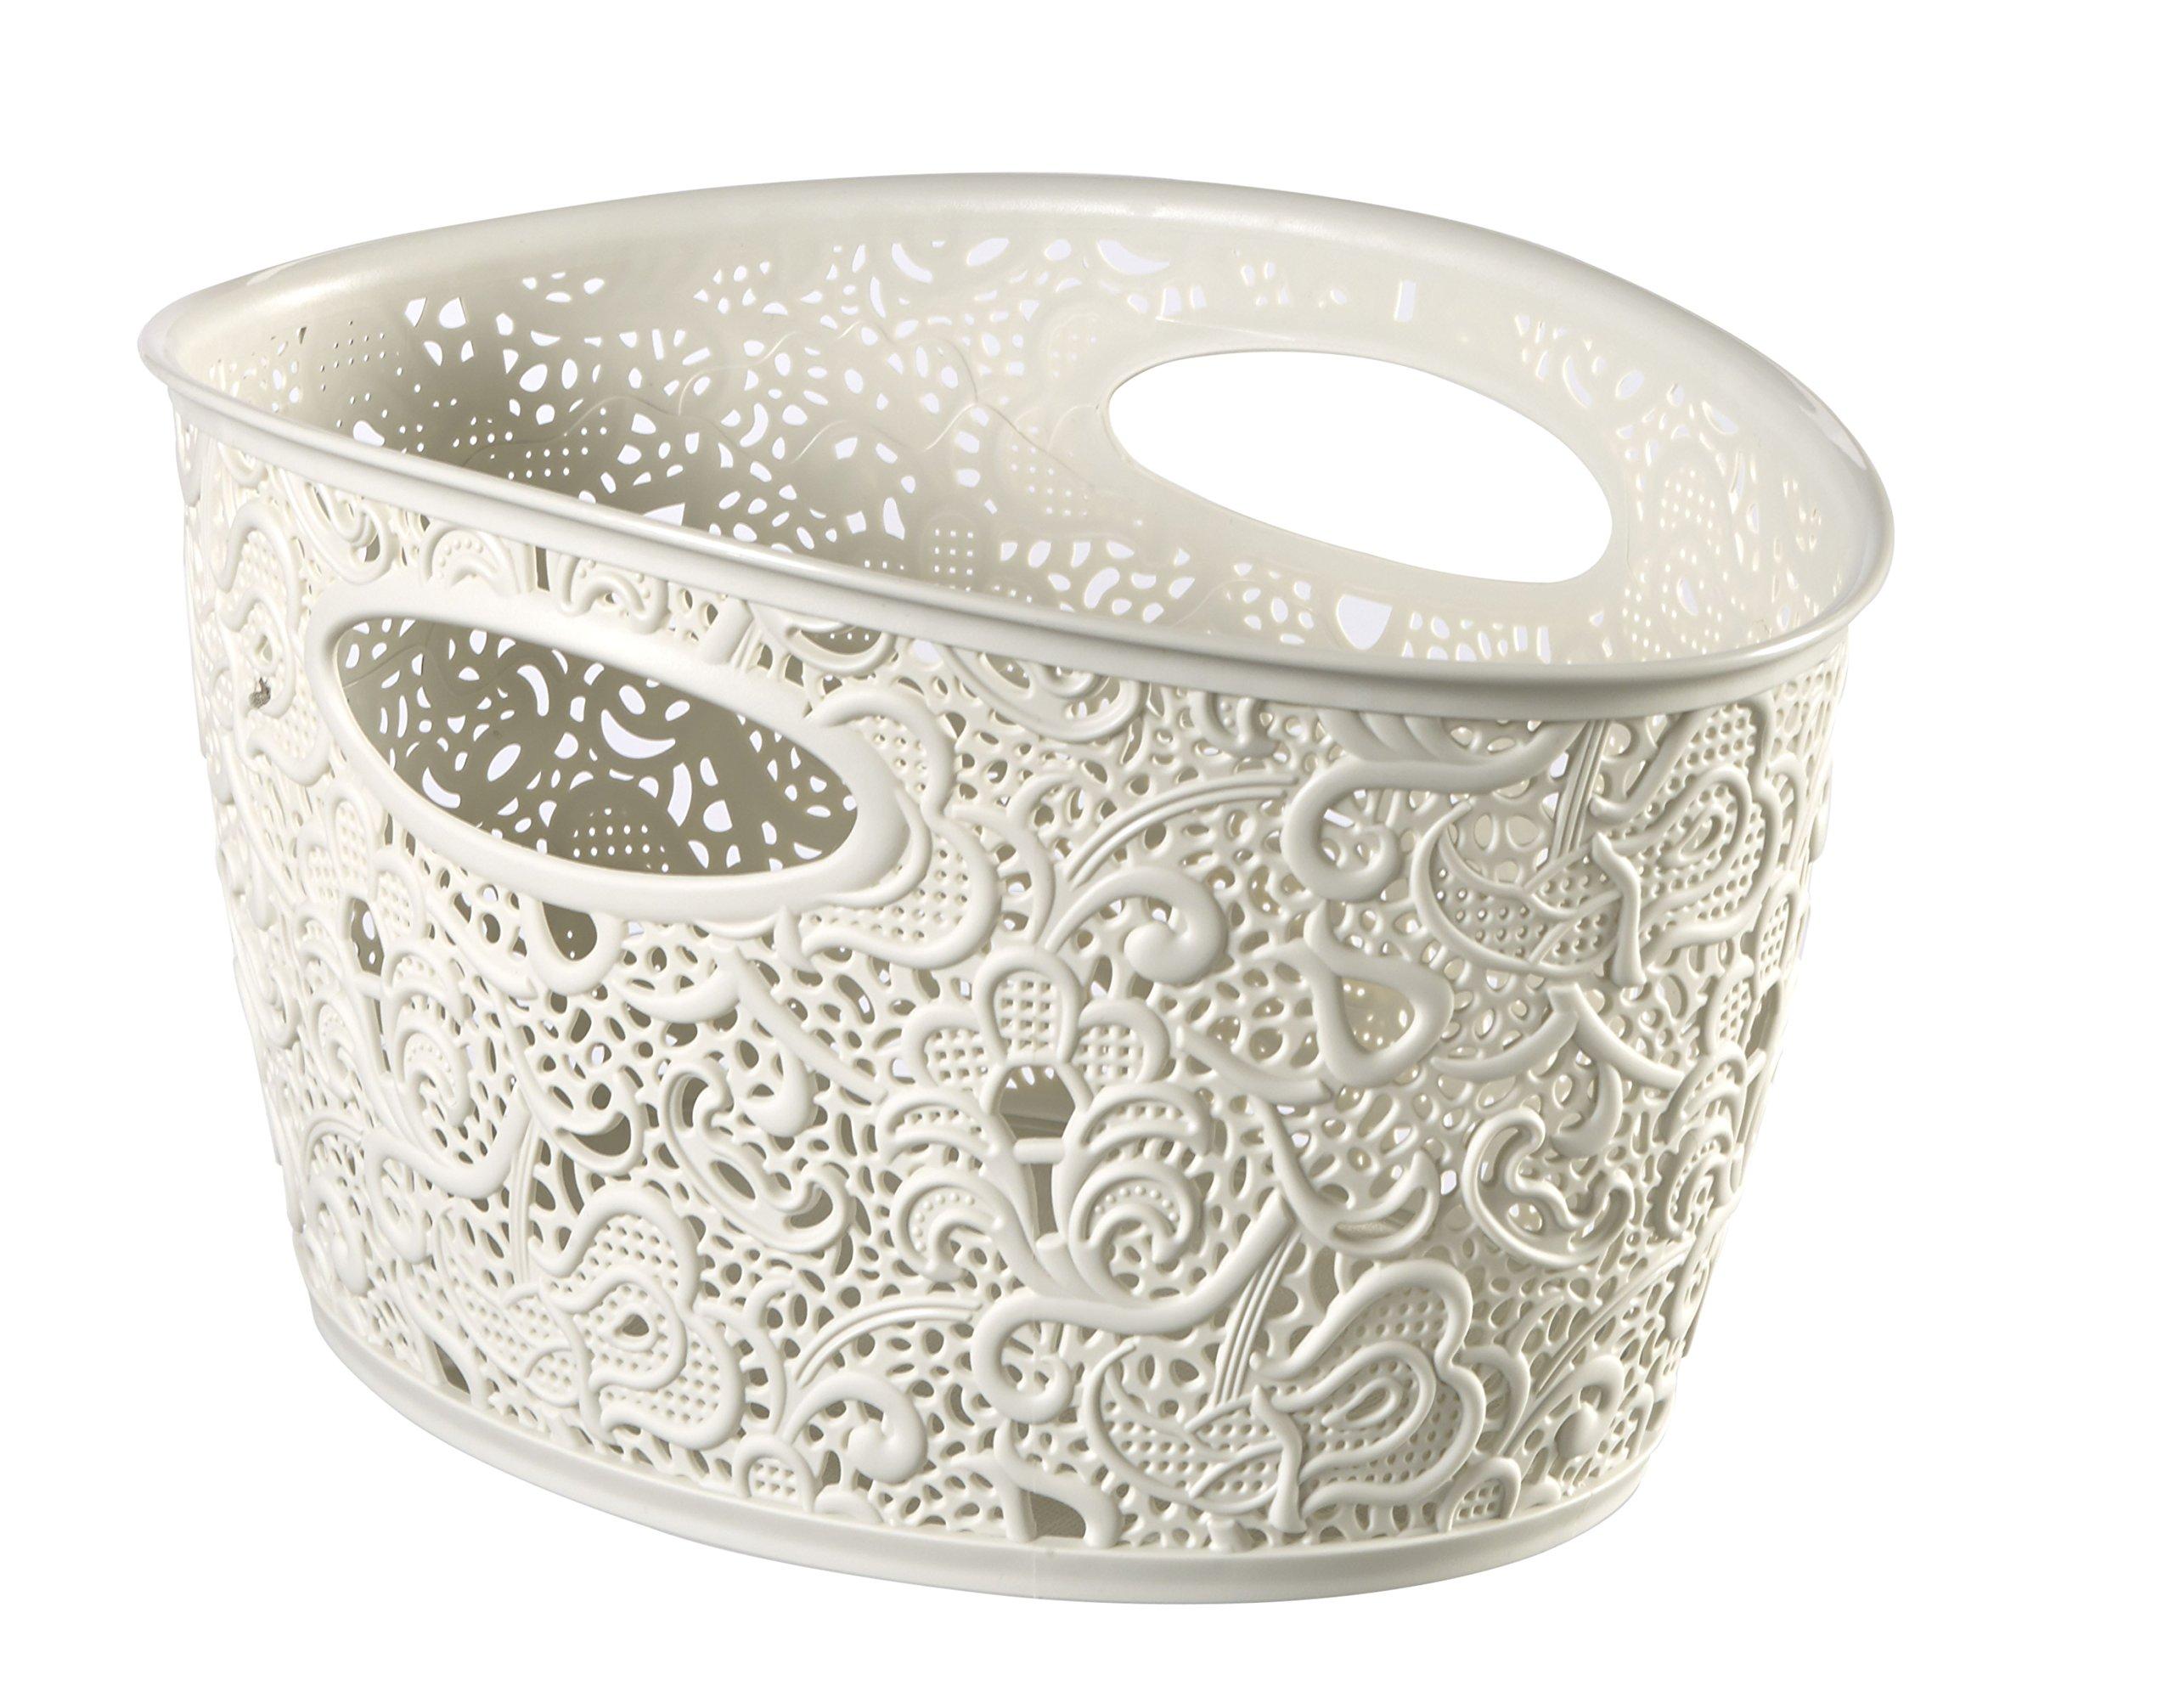 CURVER Crema Decorative Victoria Cesta con Motivo Floral de plástico product image